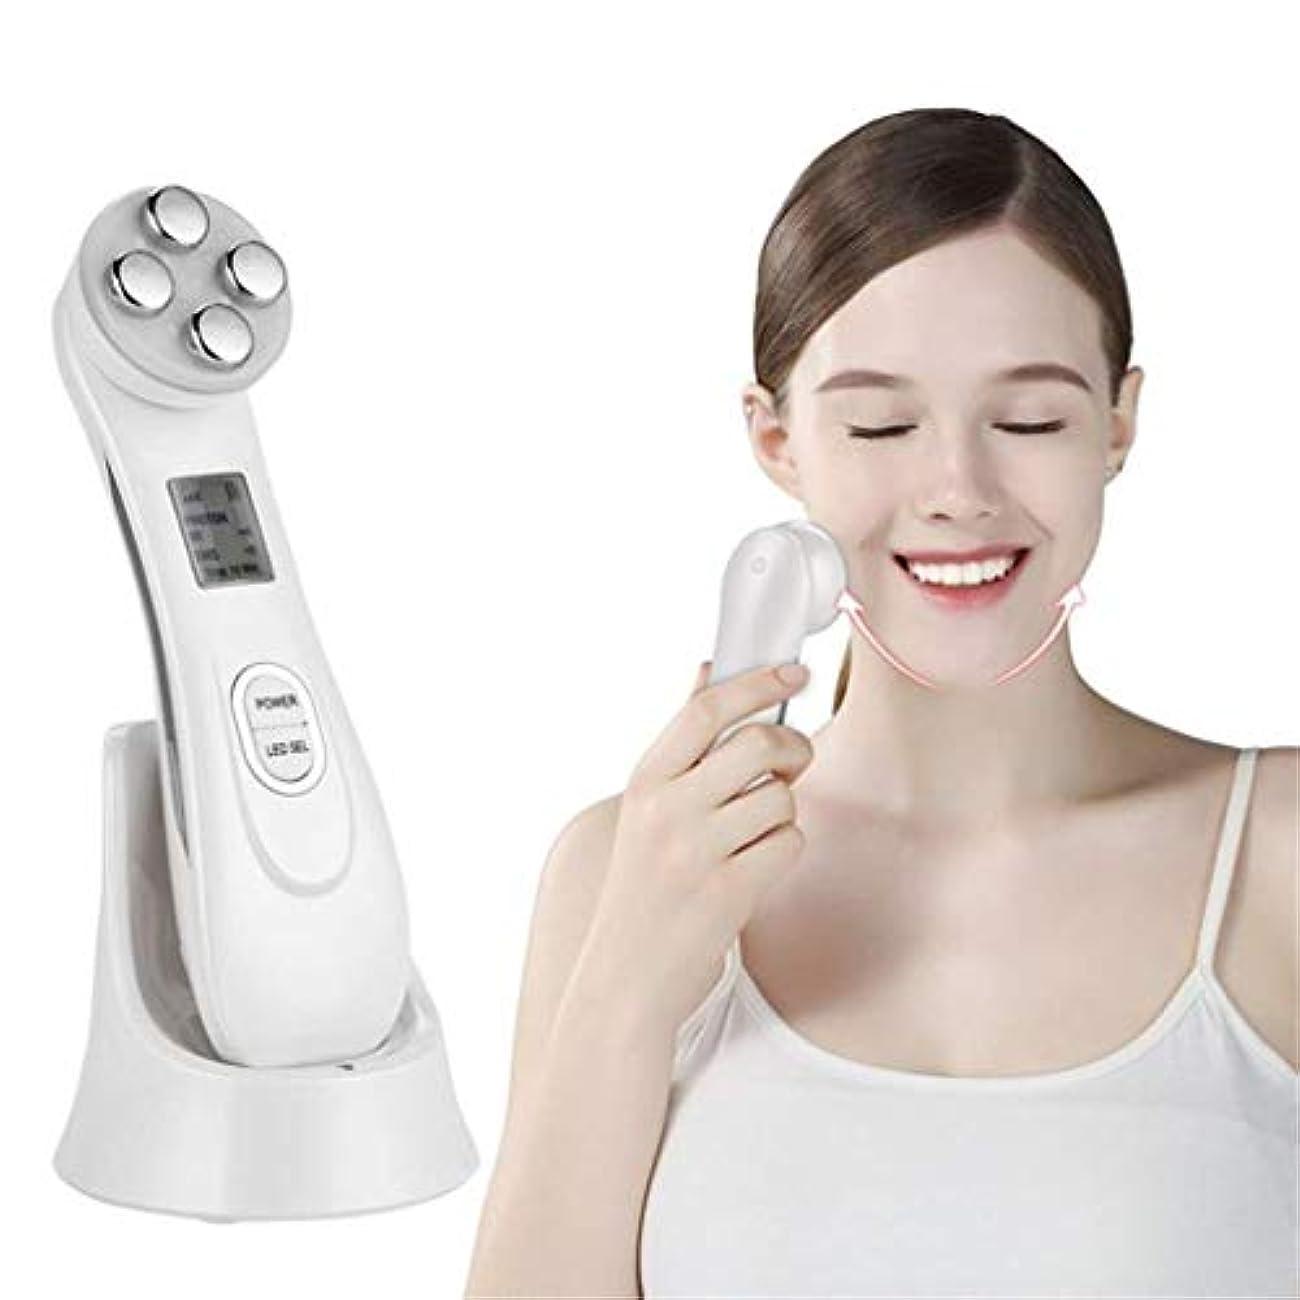 義務付けられたラインナップ違法顔の美のマッサージャー、家の顔の紹介RFの無線周波数の美装置、入れ墨の子供の顔機械を作るLED色ライトしわの持ち上がるおよびきつく締める方法